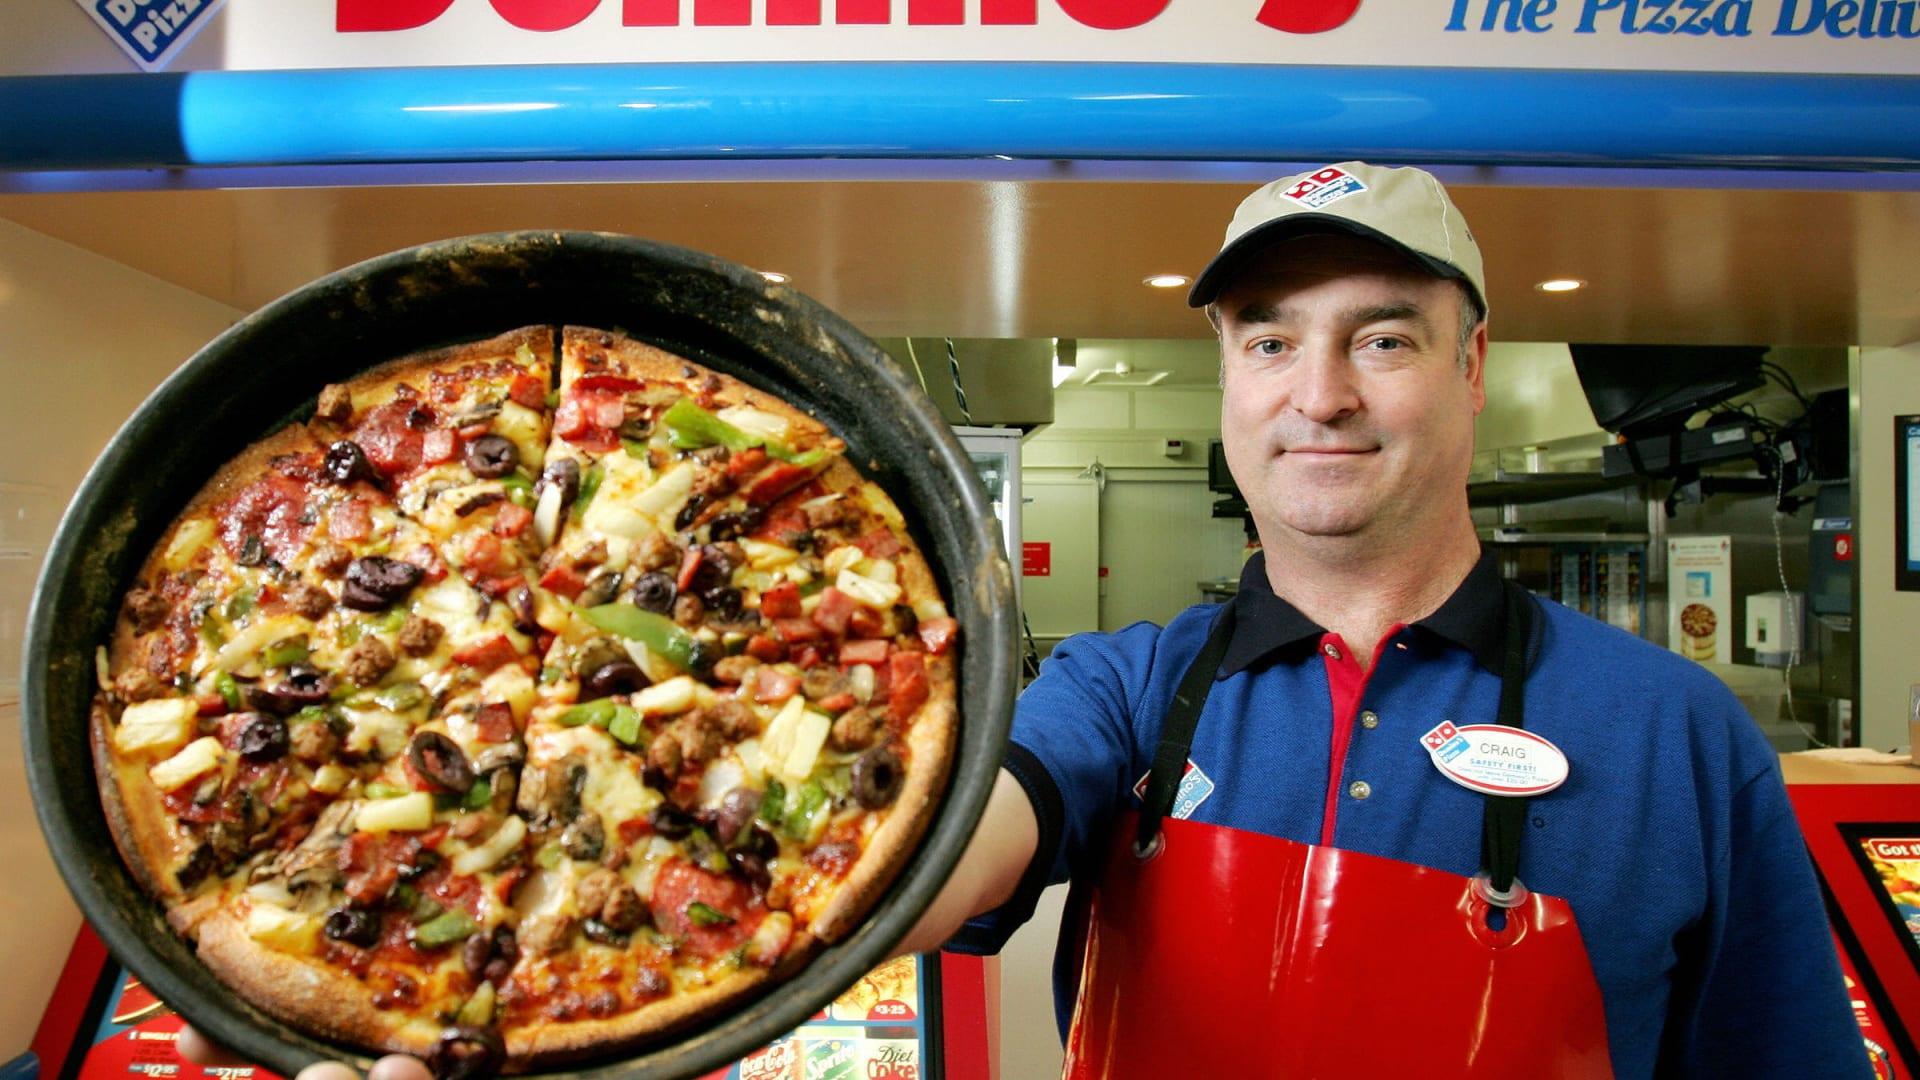 نيويورك تملك أفضل بيتزا بالعالم.. وهذا هو السبب